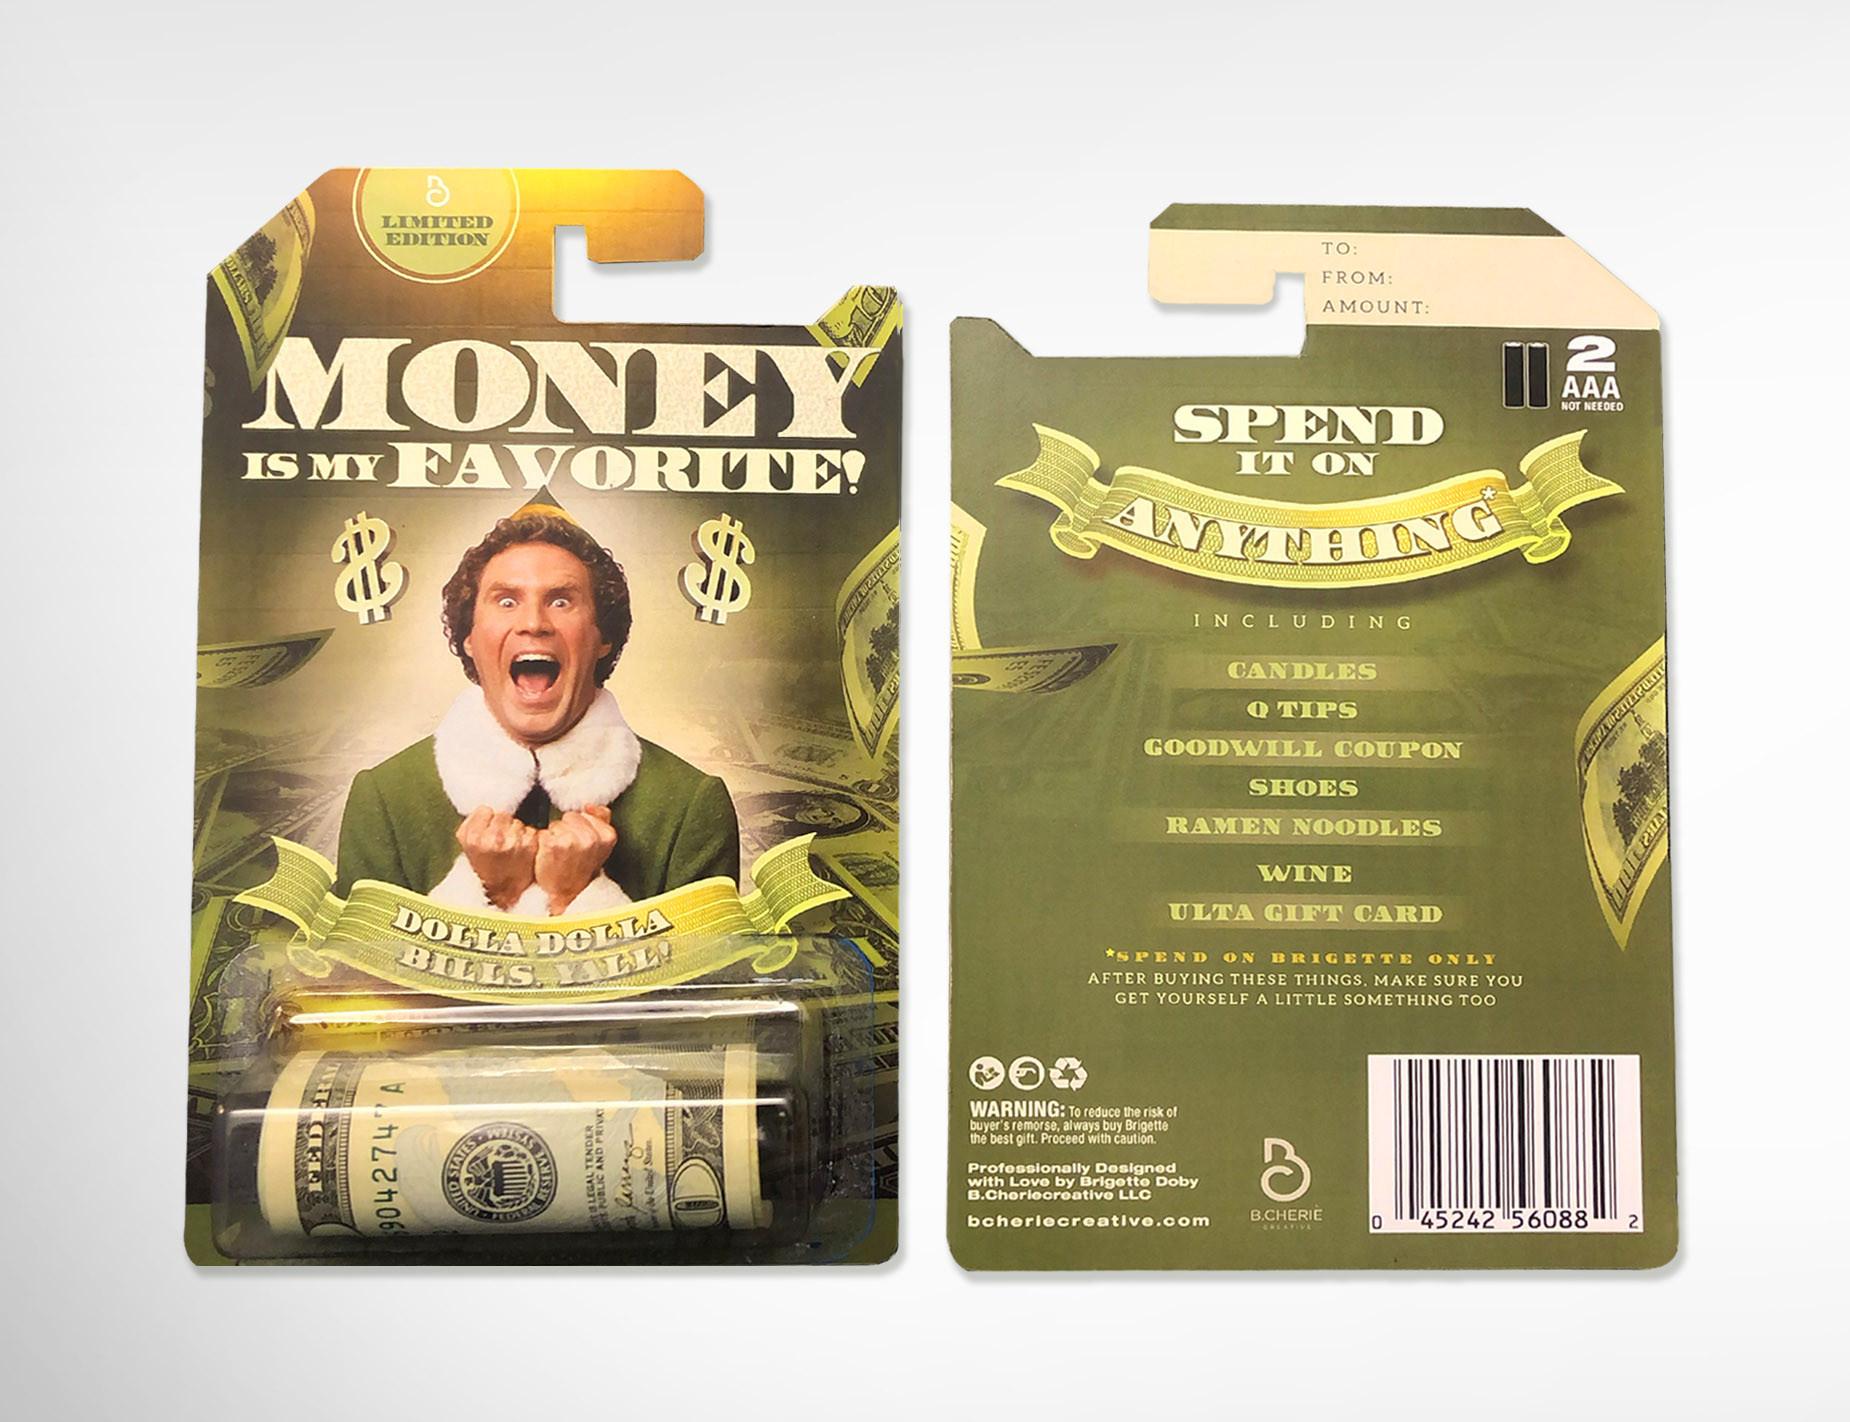 Money Christmas Gift.jpg